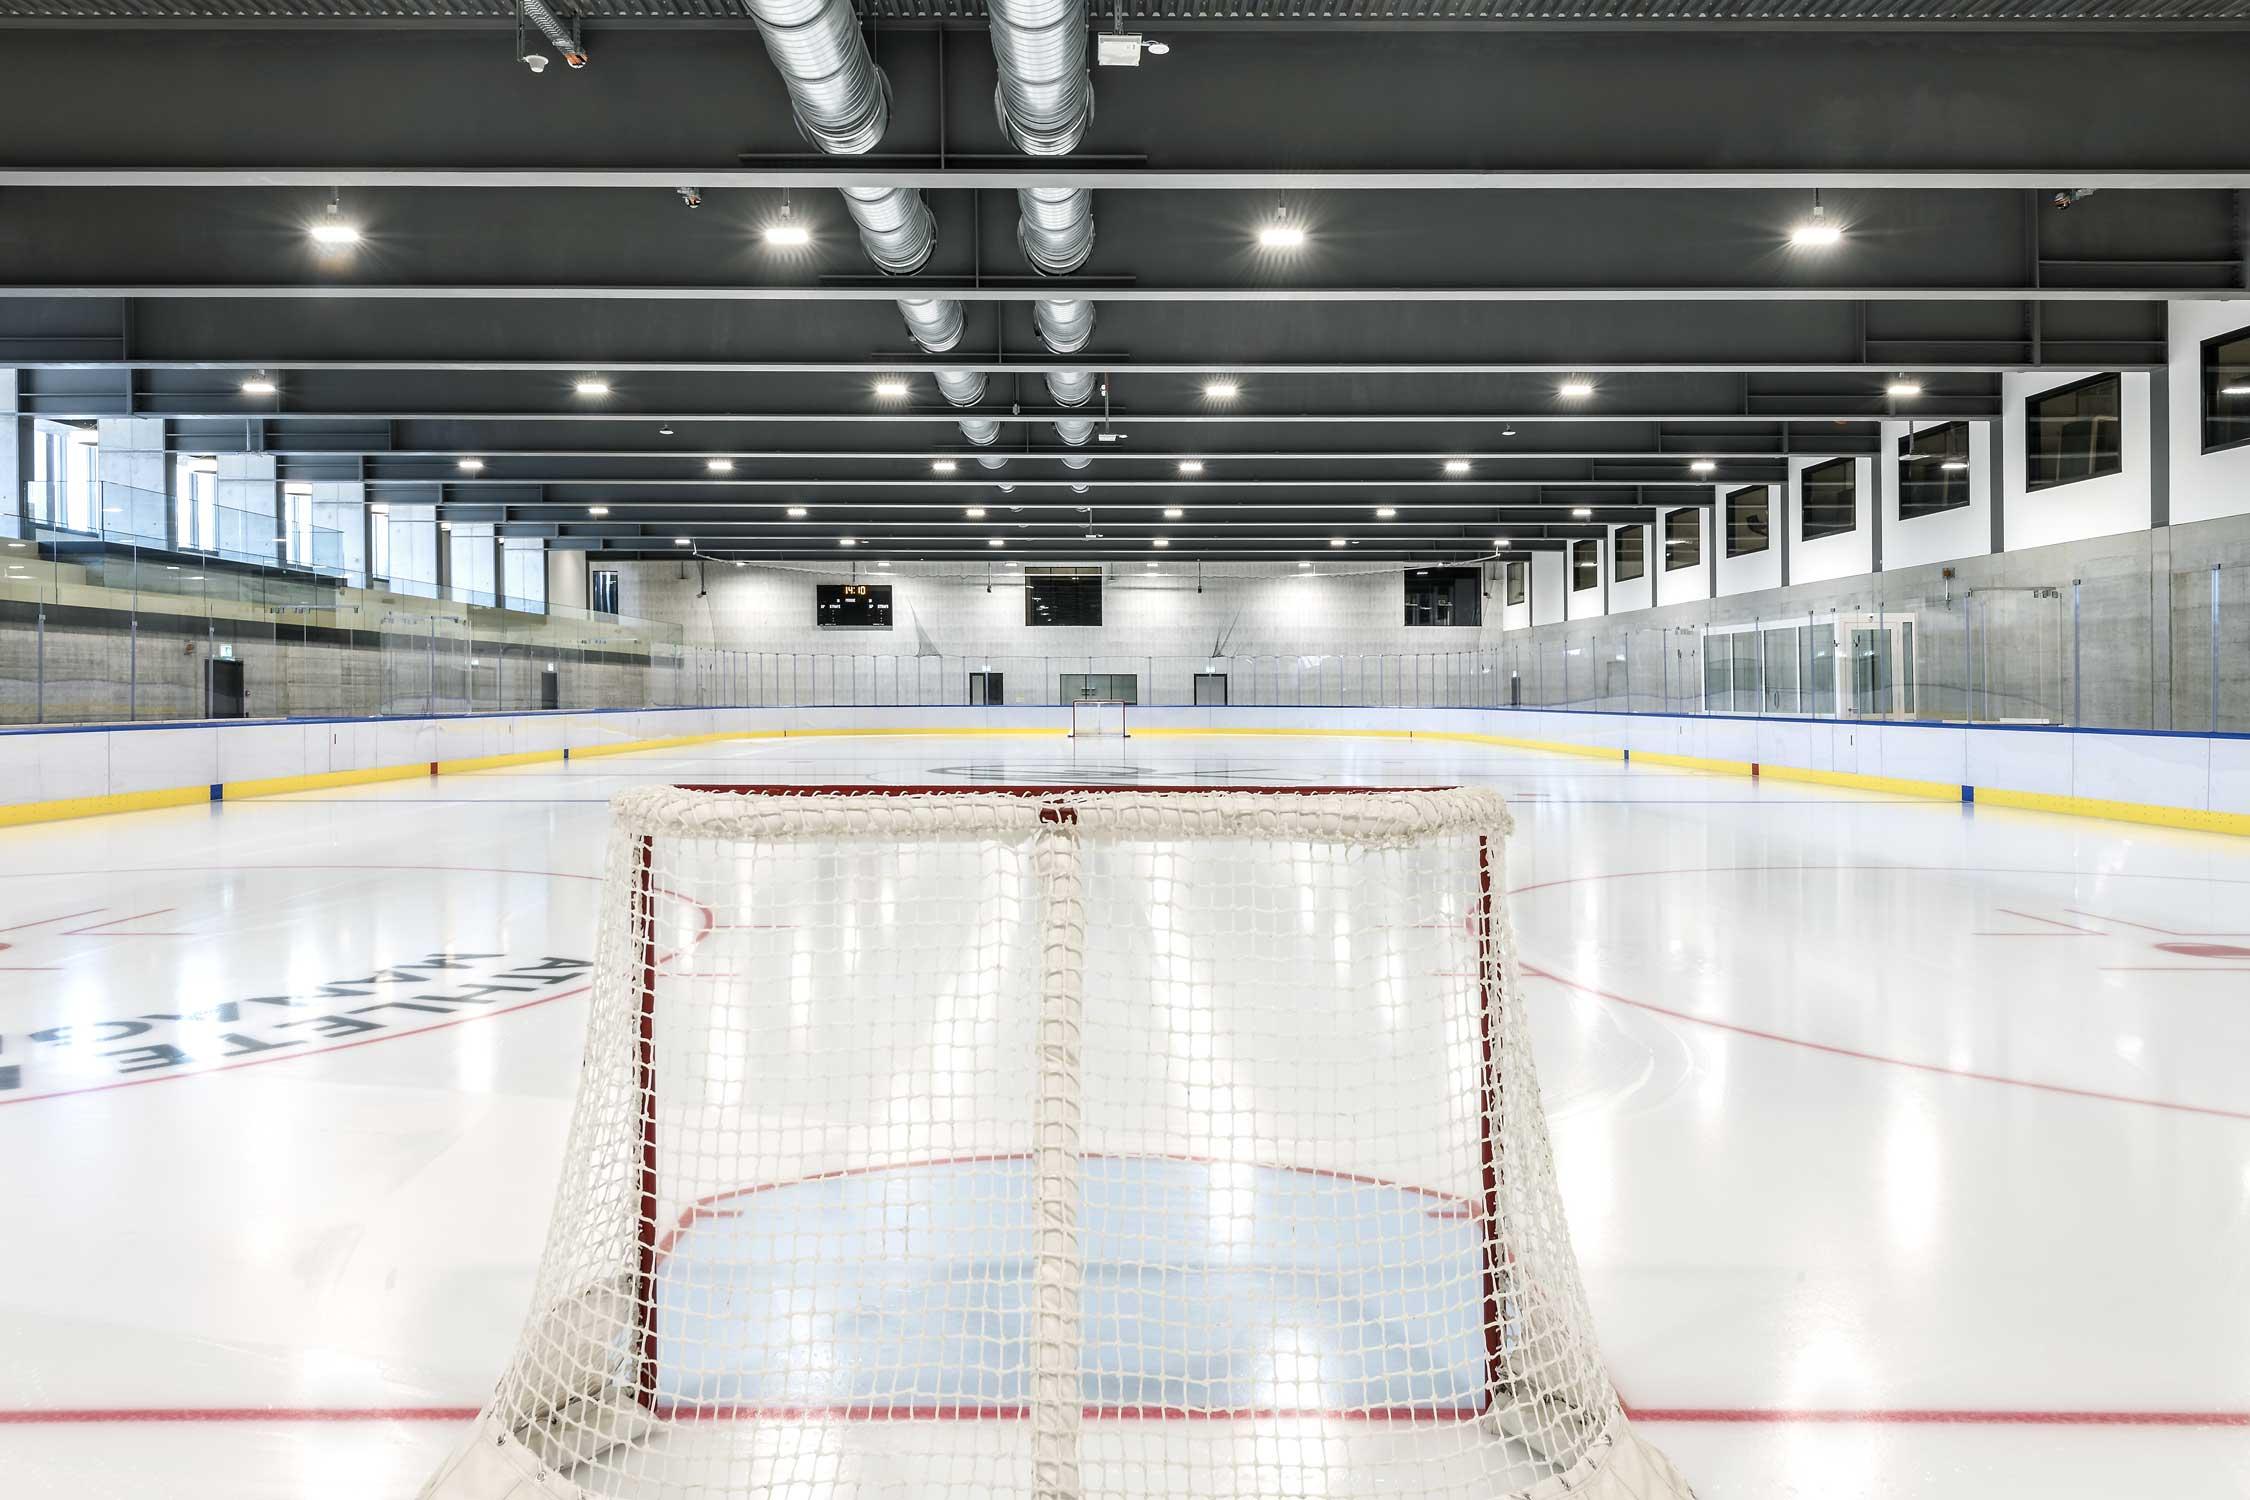 OYM Eishalle Innenaufnahme Architekturfotografie Regine Giesecke